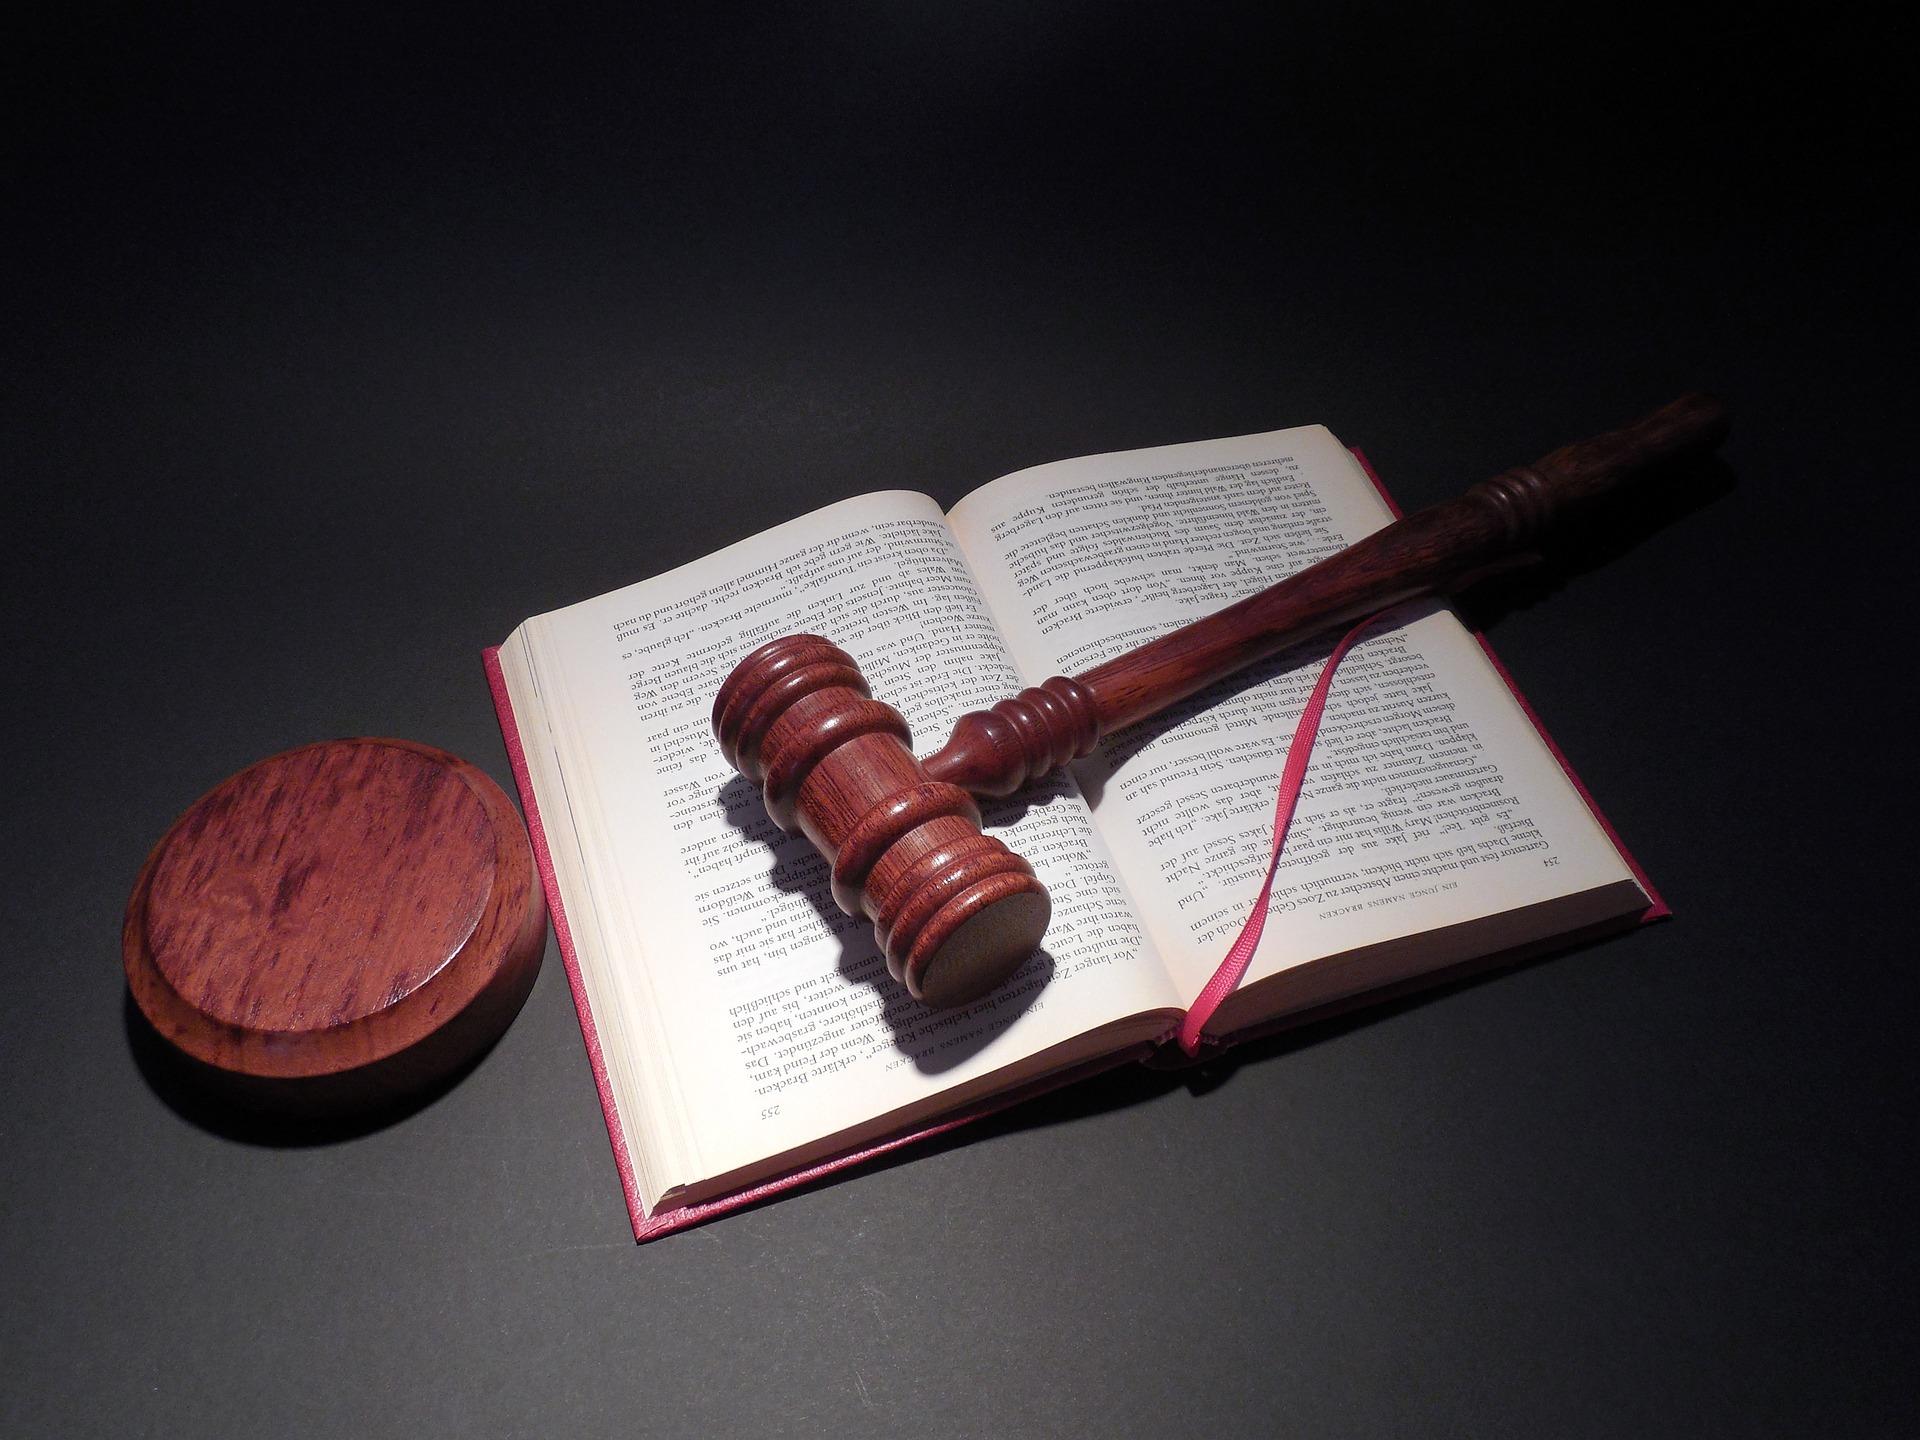 船舶の修繕作業に従事した結果、中皮腫に罹患して死亡した従業員の遺族が提起した訴訟において、元請会社の責任が認められた事例(大阪地裁平成23年9月16日判決)